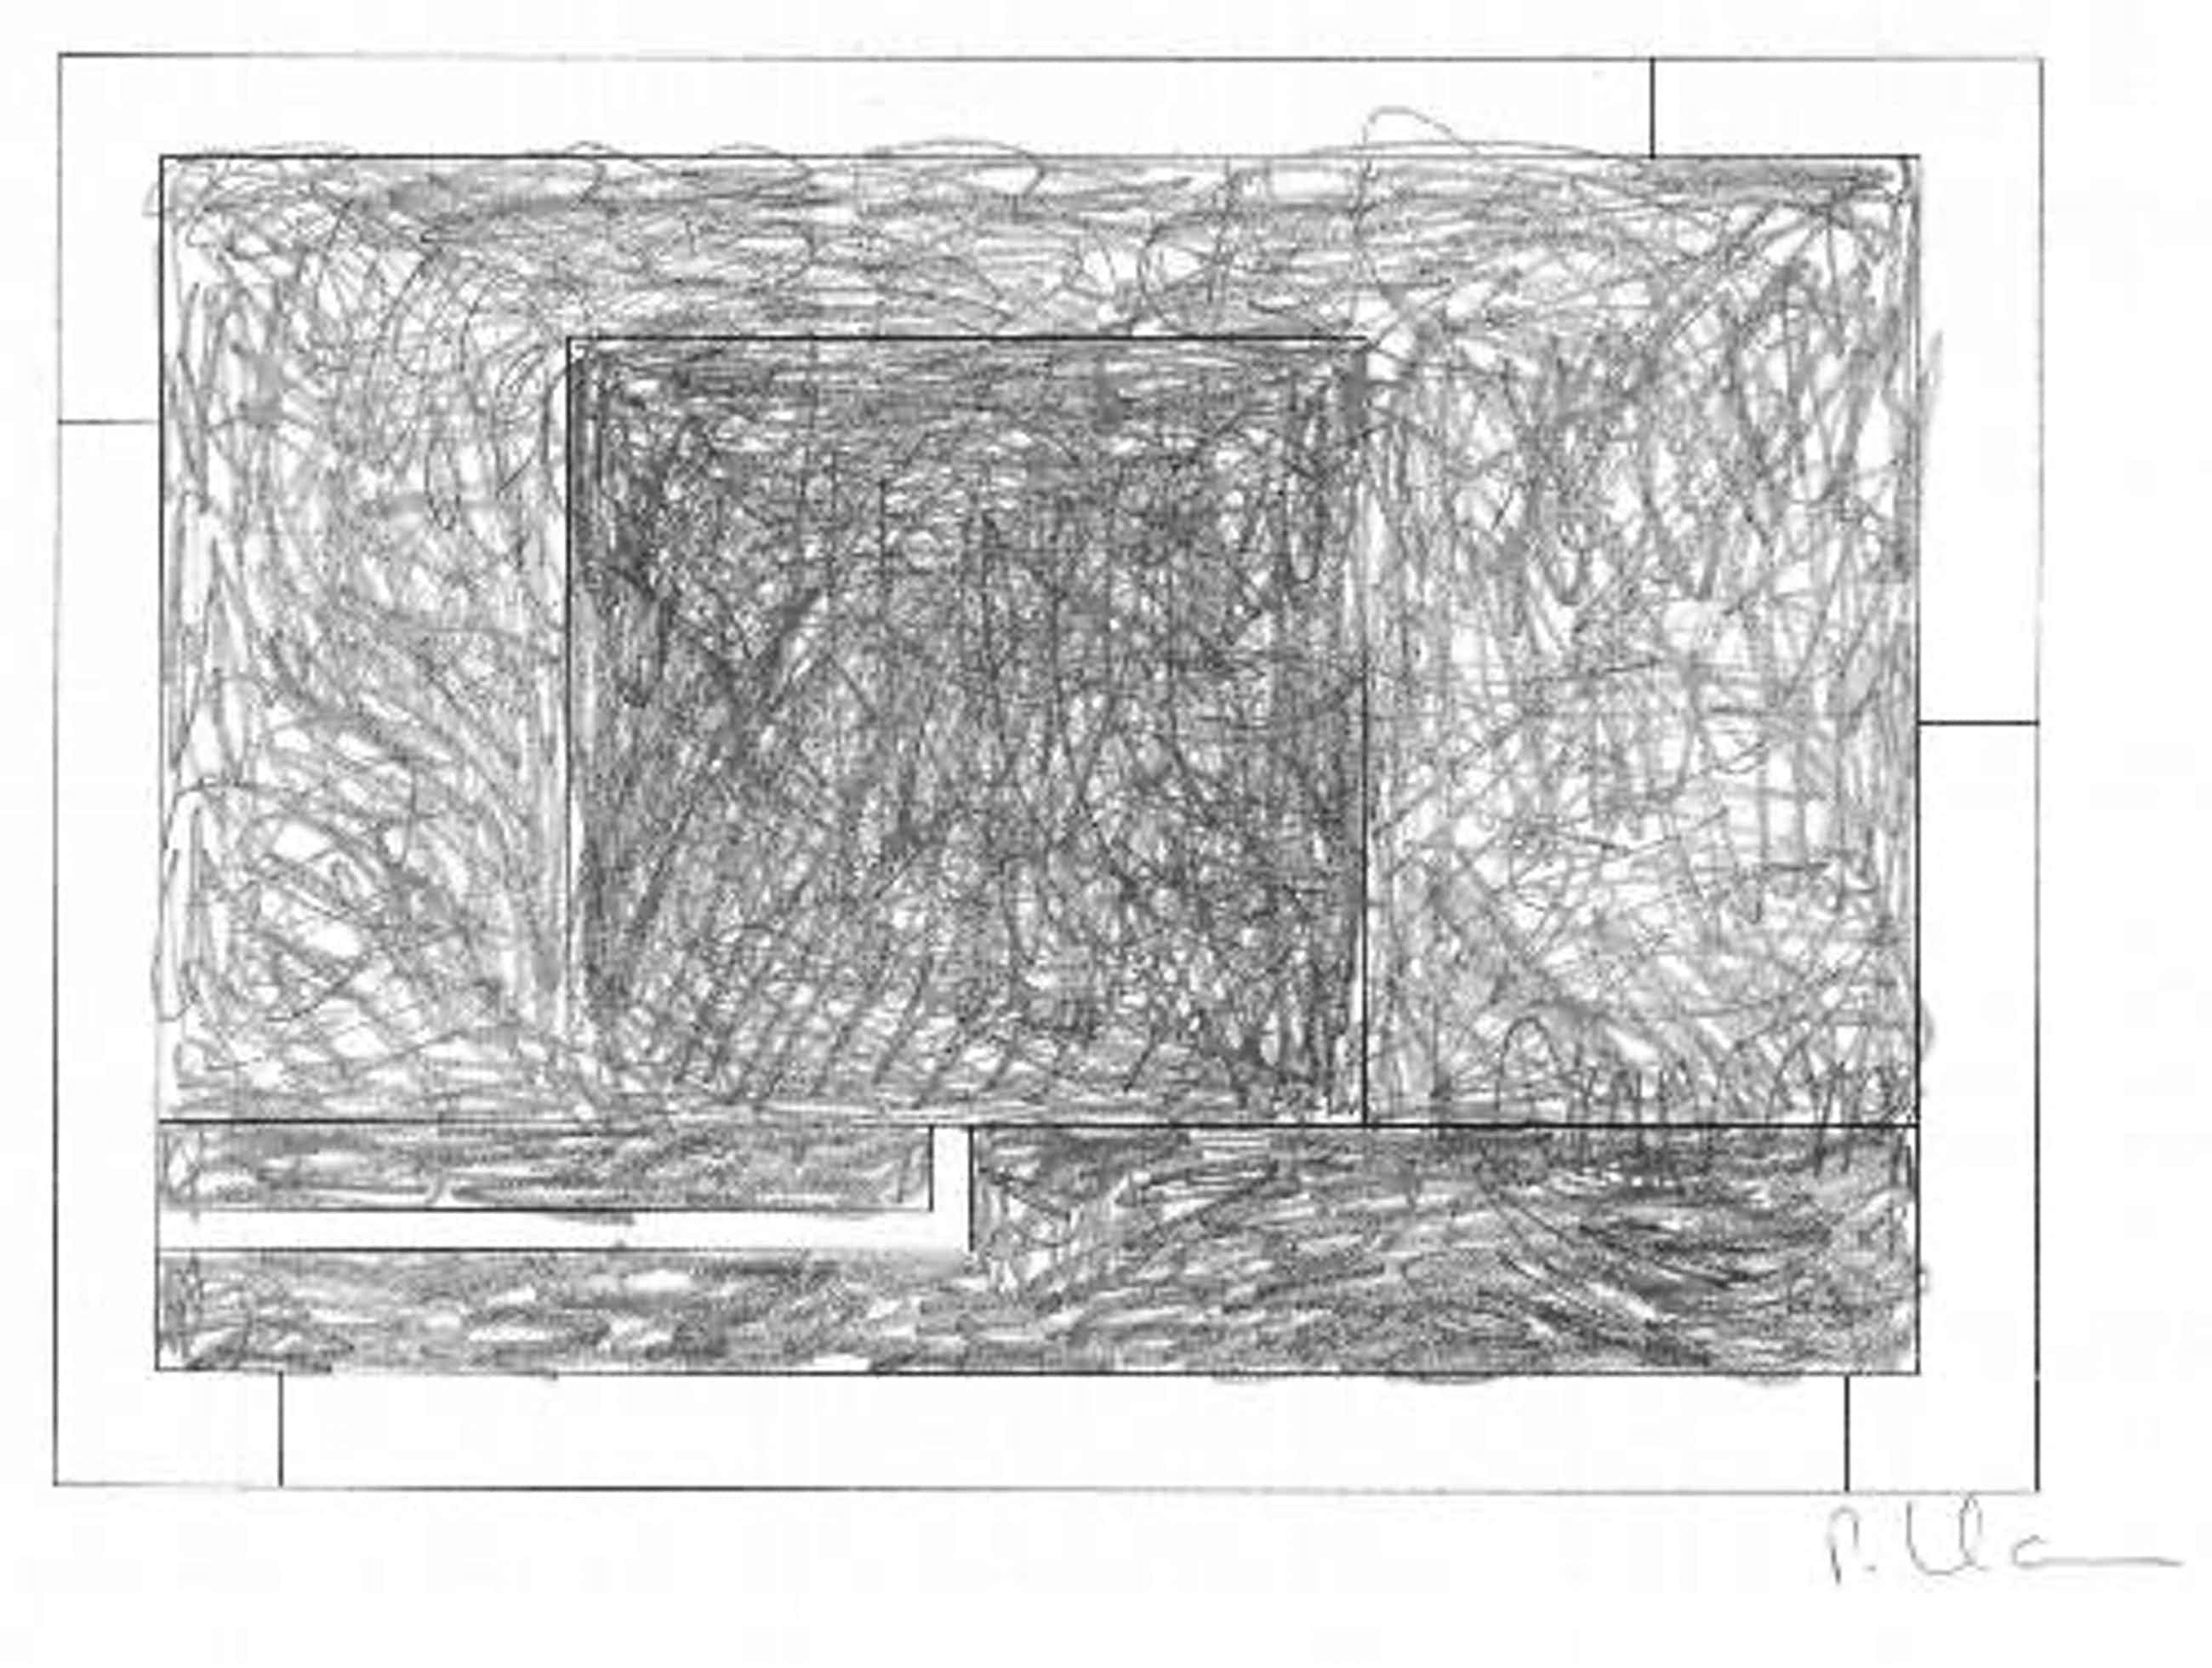 Peter Halley - Zeichnung Graphit/Bleistift Cell 8, 1995 kopen? Bied vanaf 1900!